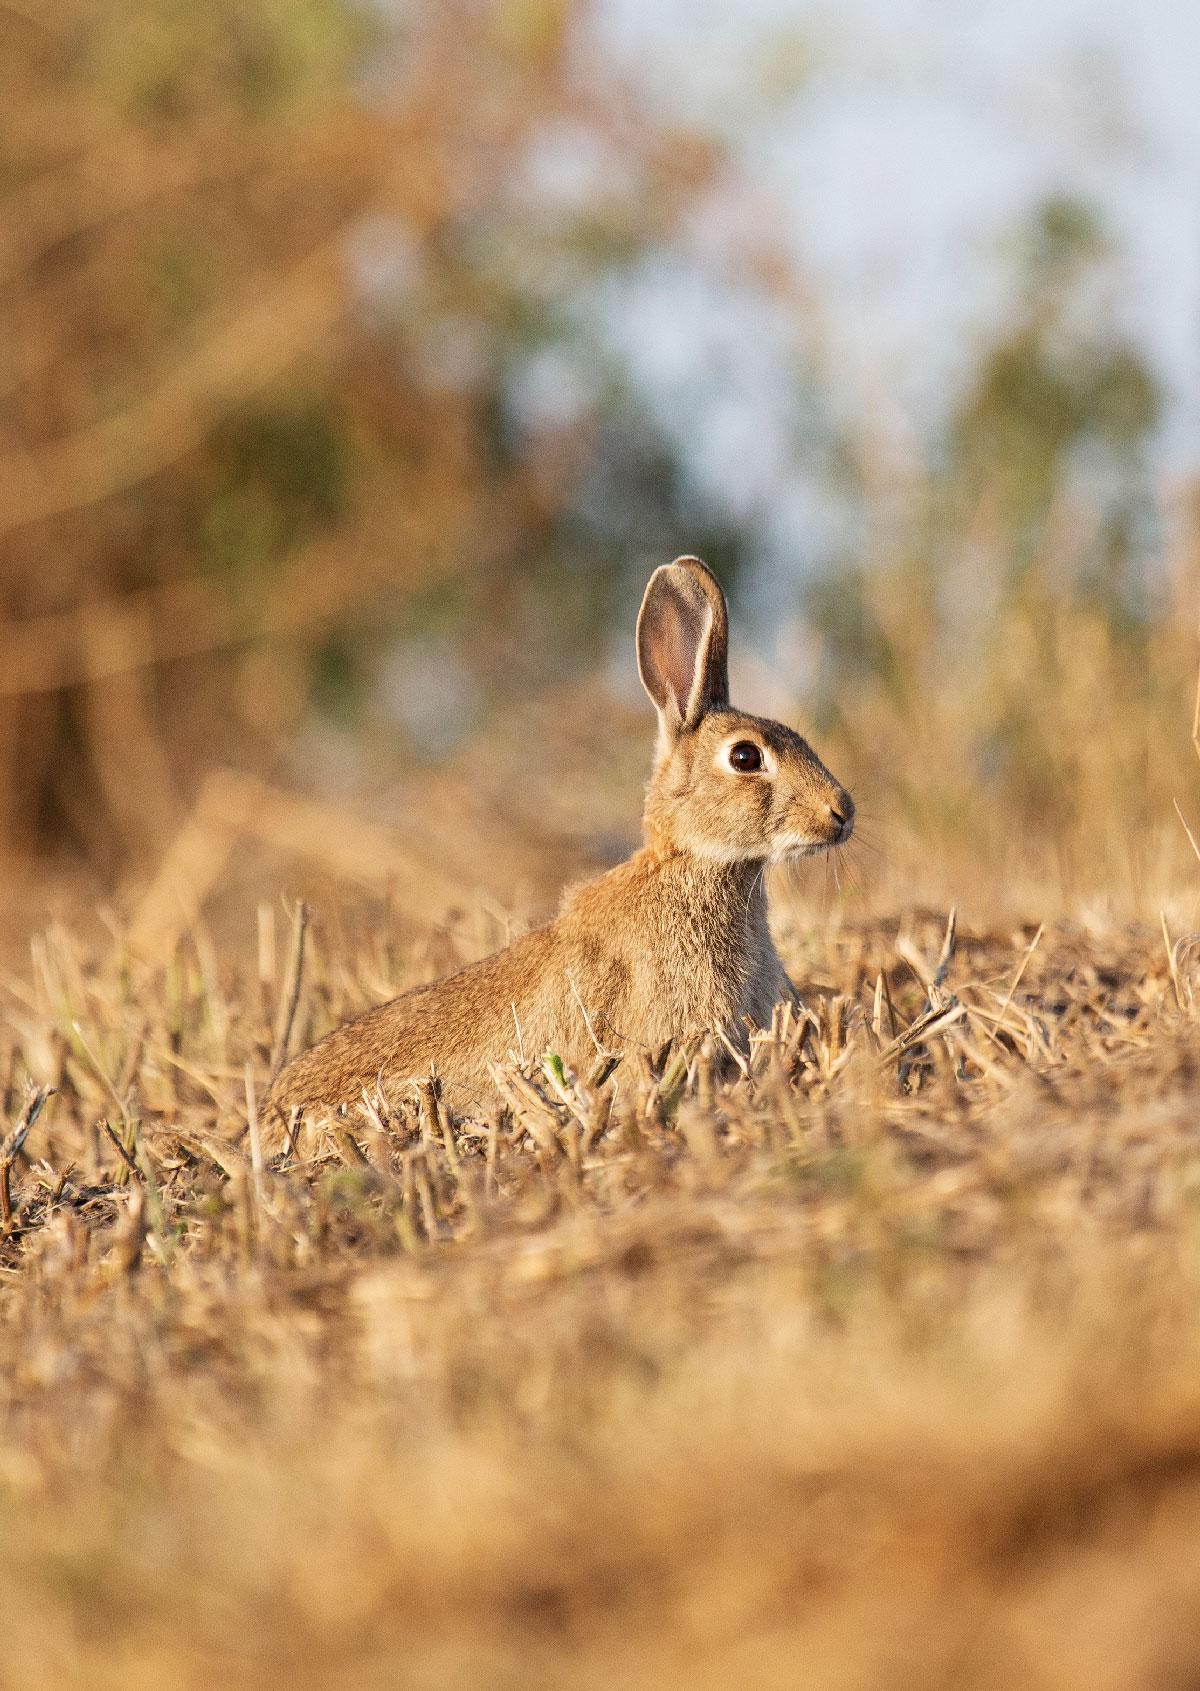 Den gule Kaninrute: Vagtkanin giver signal til de andre kaniner ved at stampe i jorden.